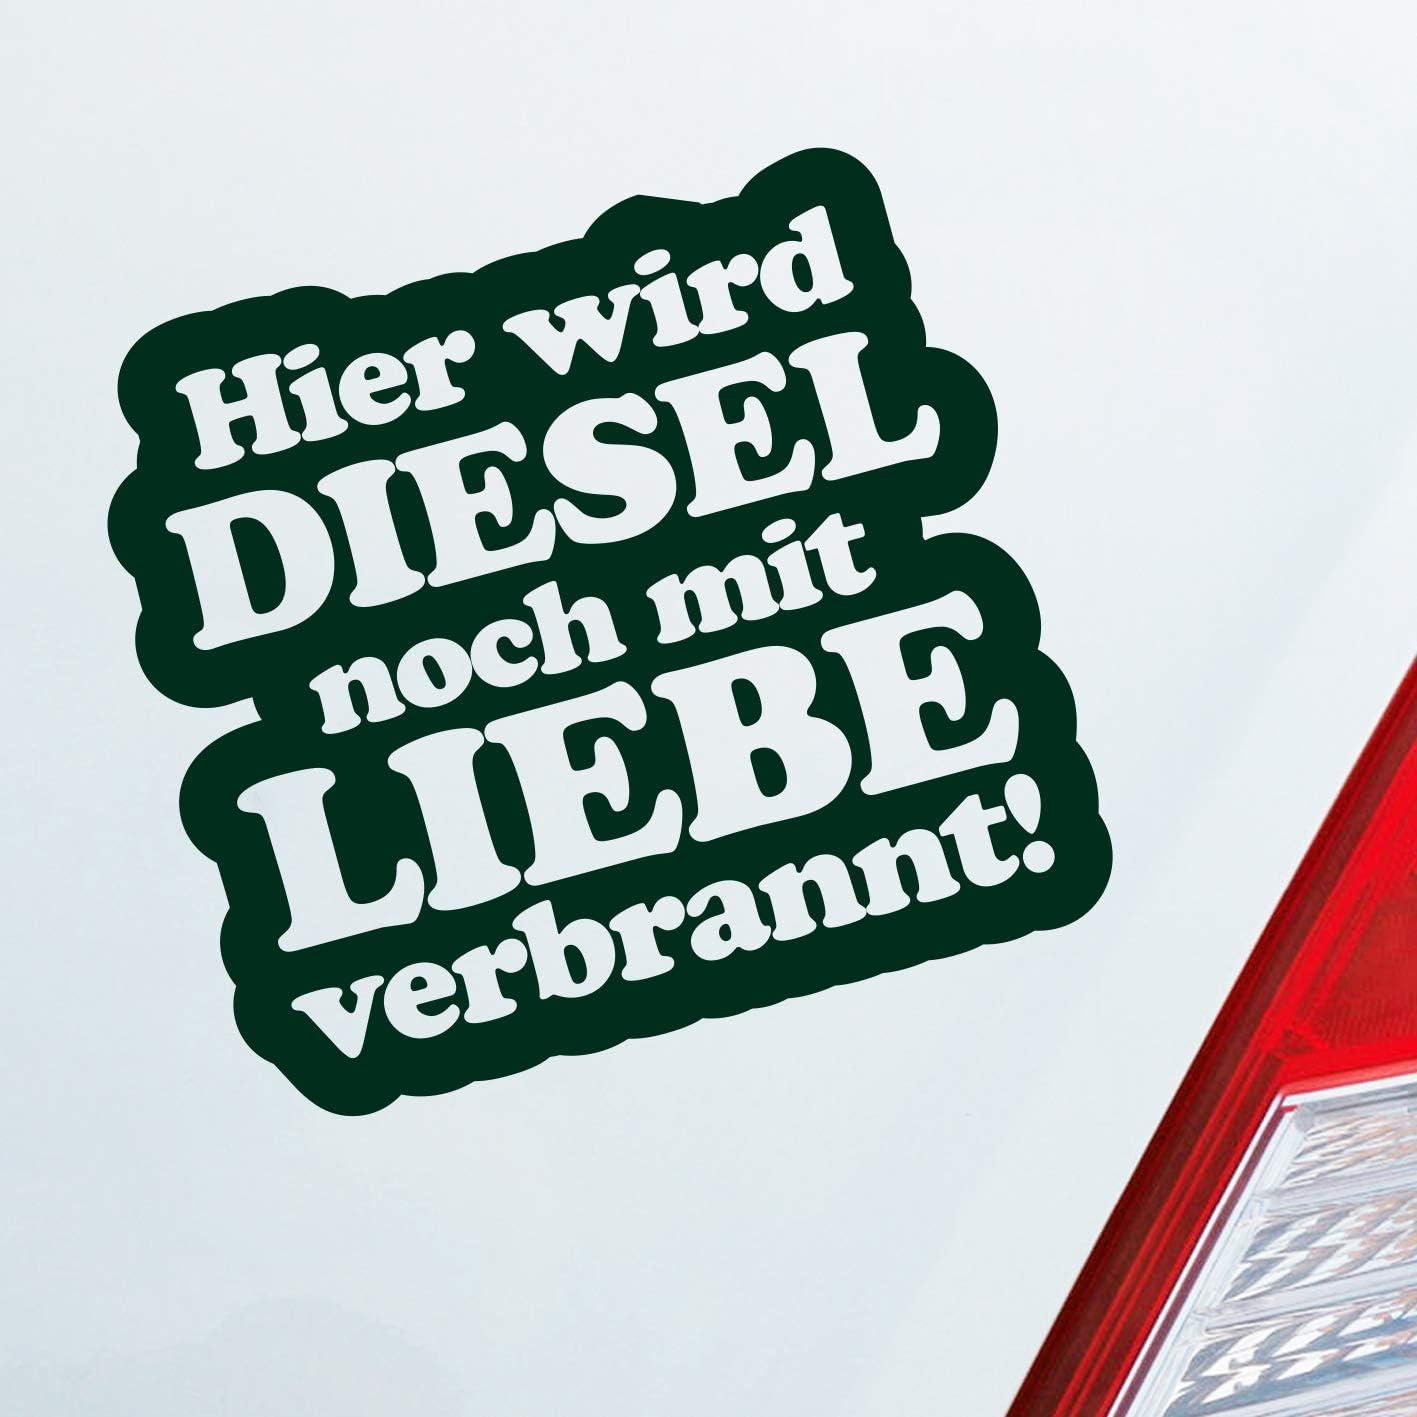 Auto Aufkleber in deiner Wunschfarbe Hier Wird Diesel noch mit Liebe verbrannt ca 11 x 10 cm Autoaufkleber Sticker